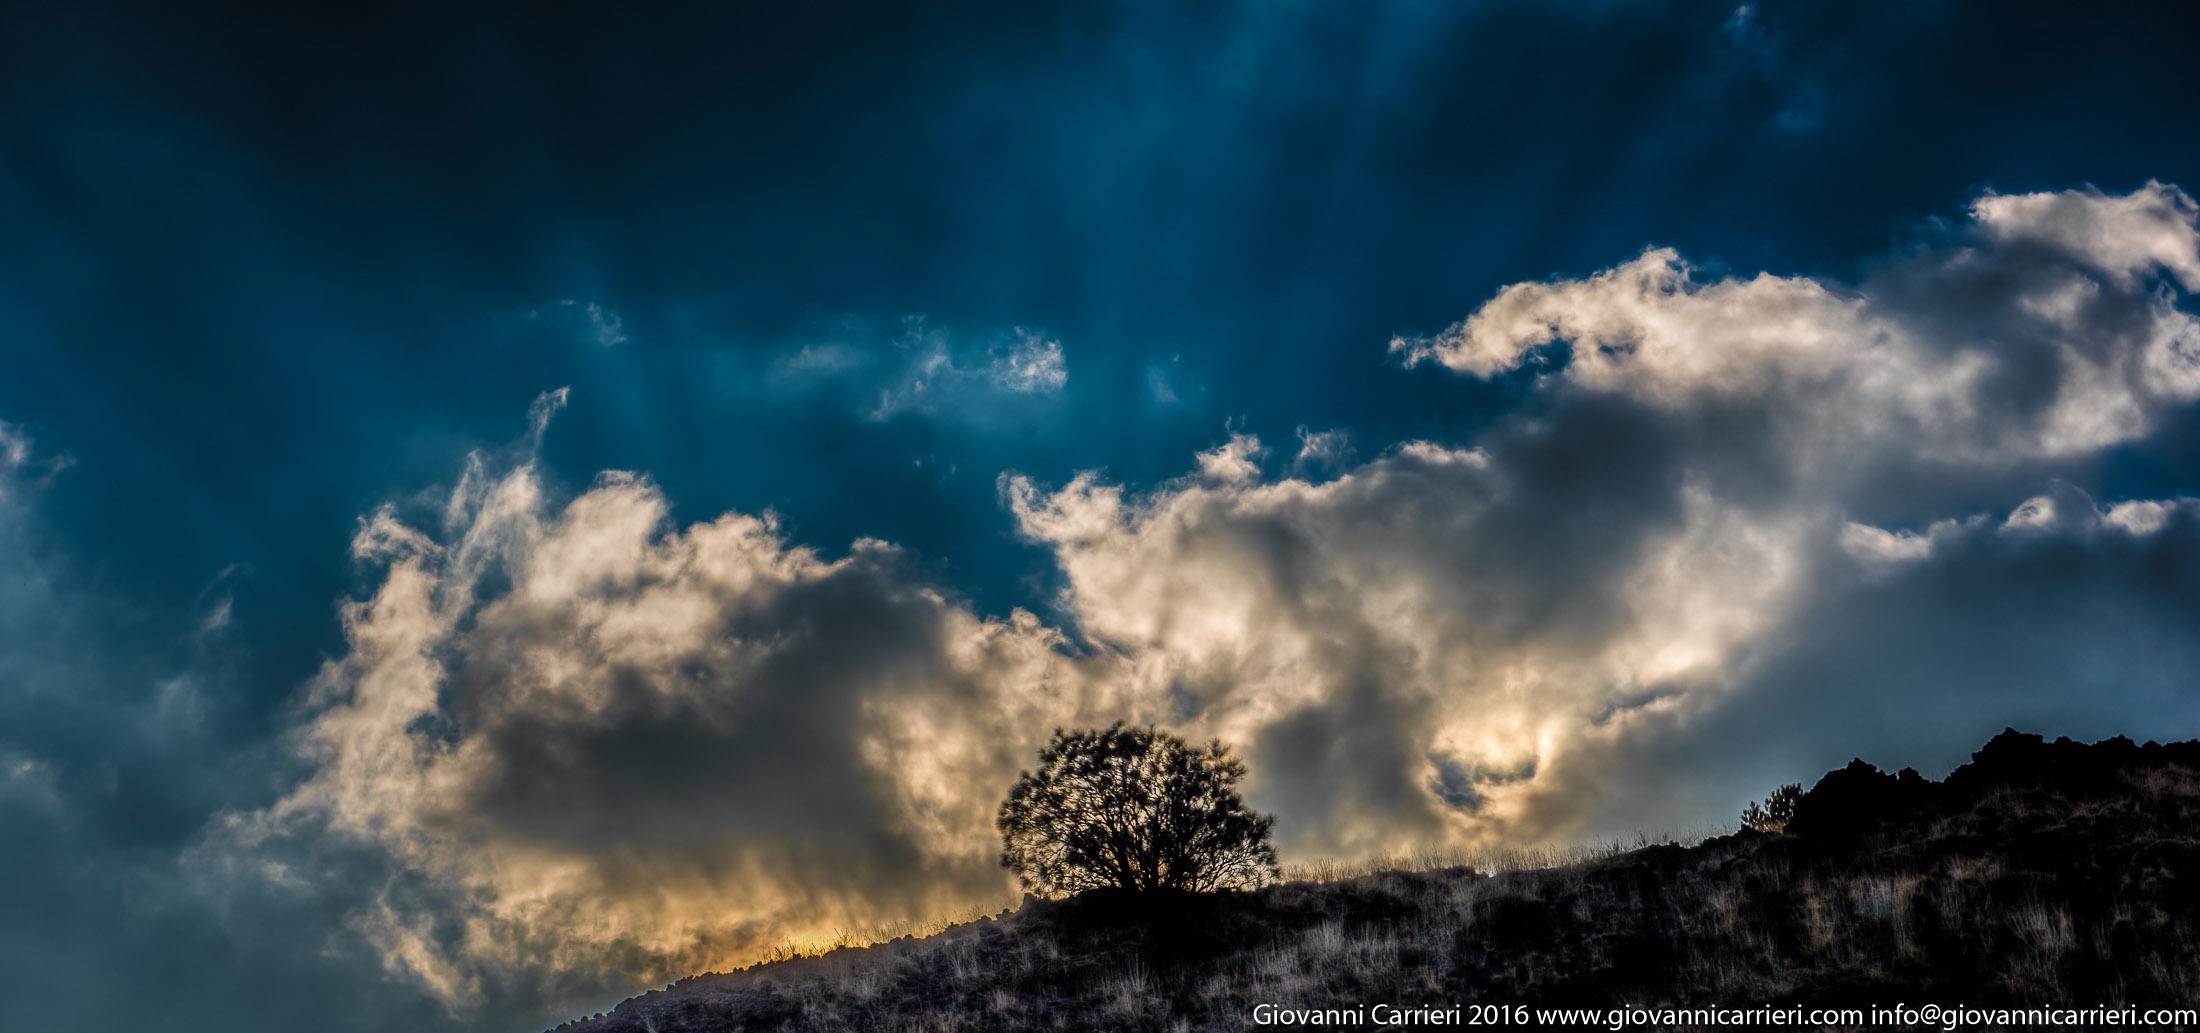 Un tramonto alle pendici dell'Etna